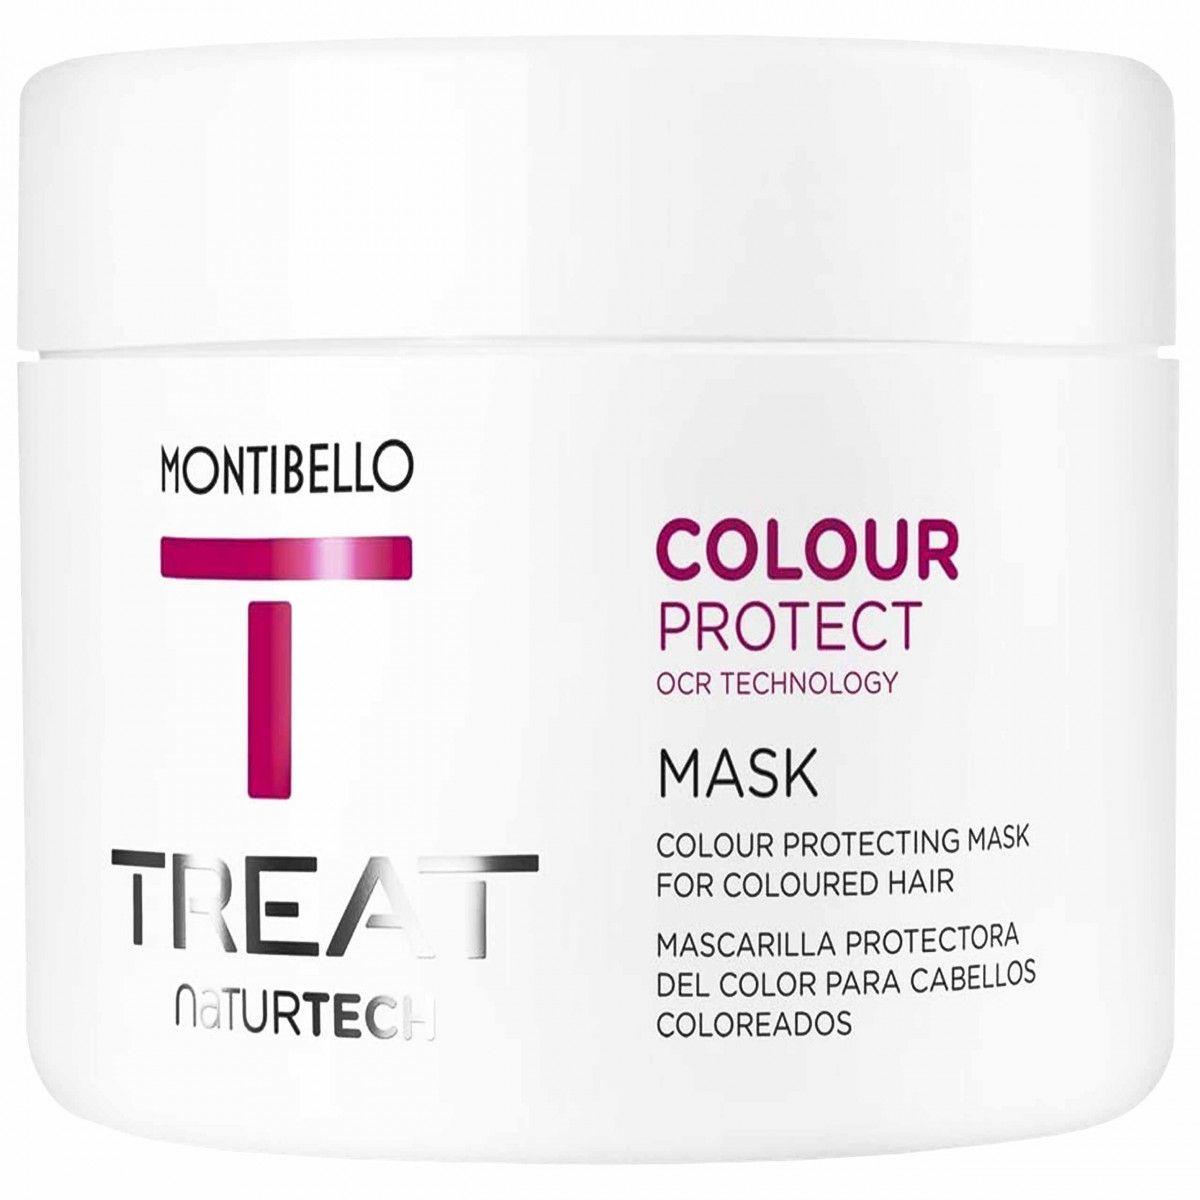 Montibello Colour Protect, maska odżywiająca włosy, przedłuża trwałość koloru 500ml